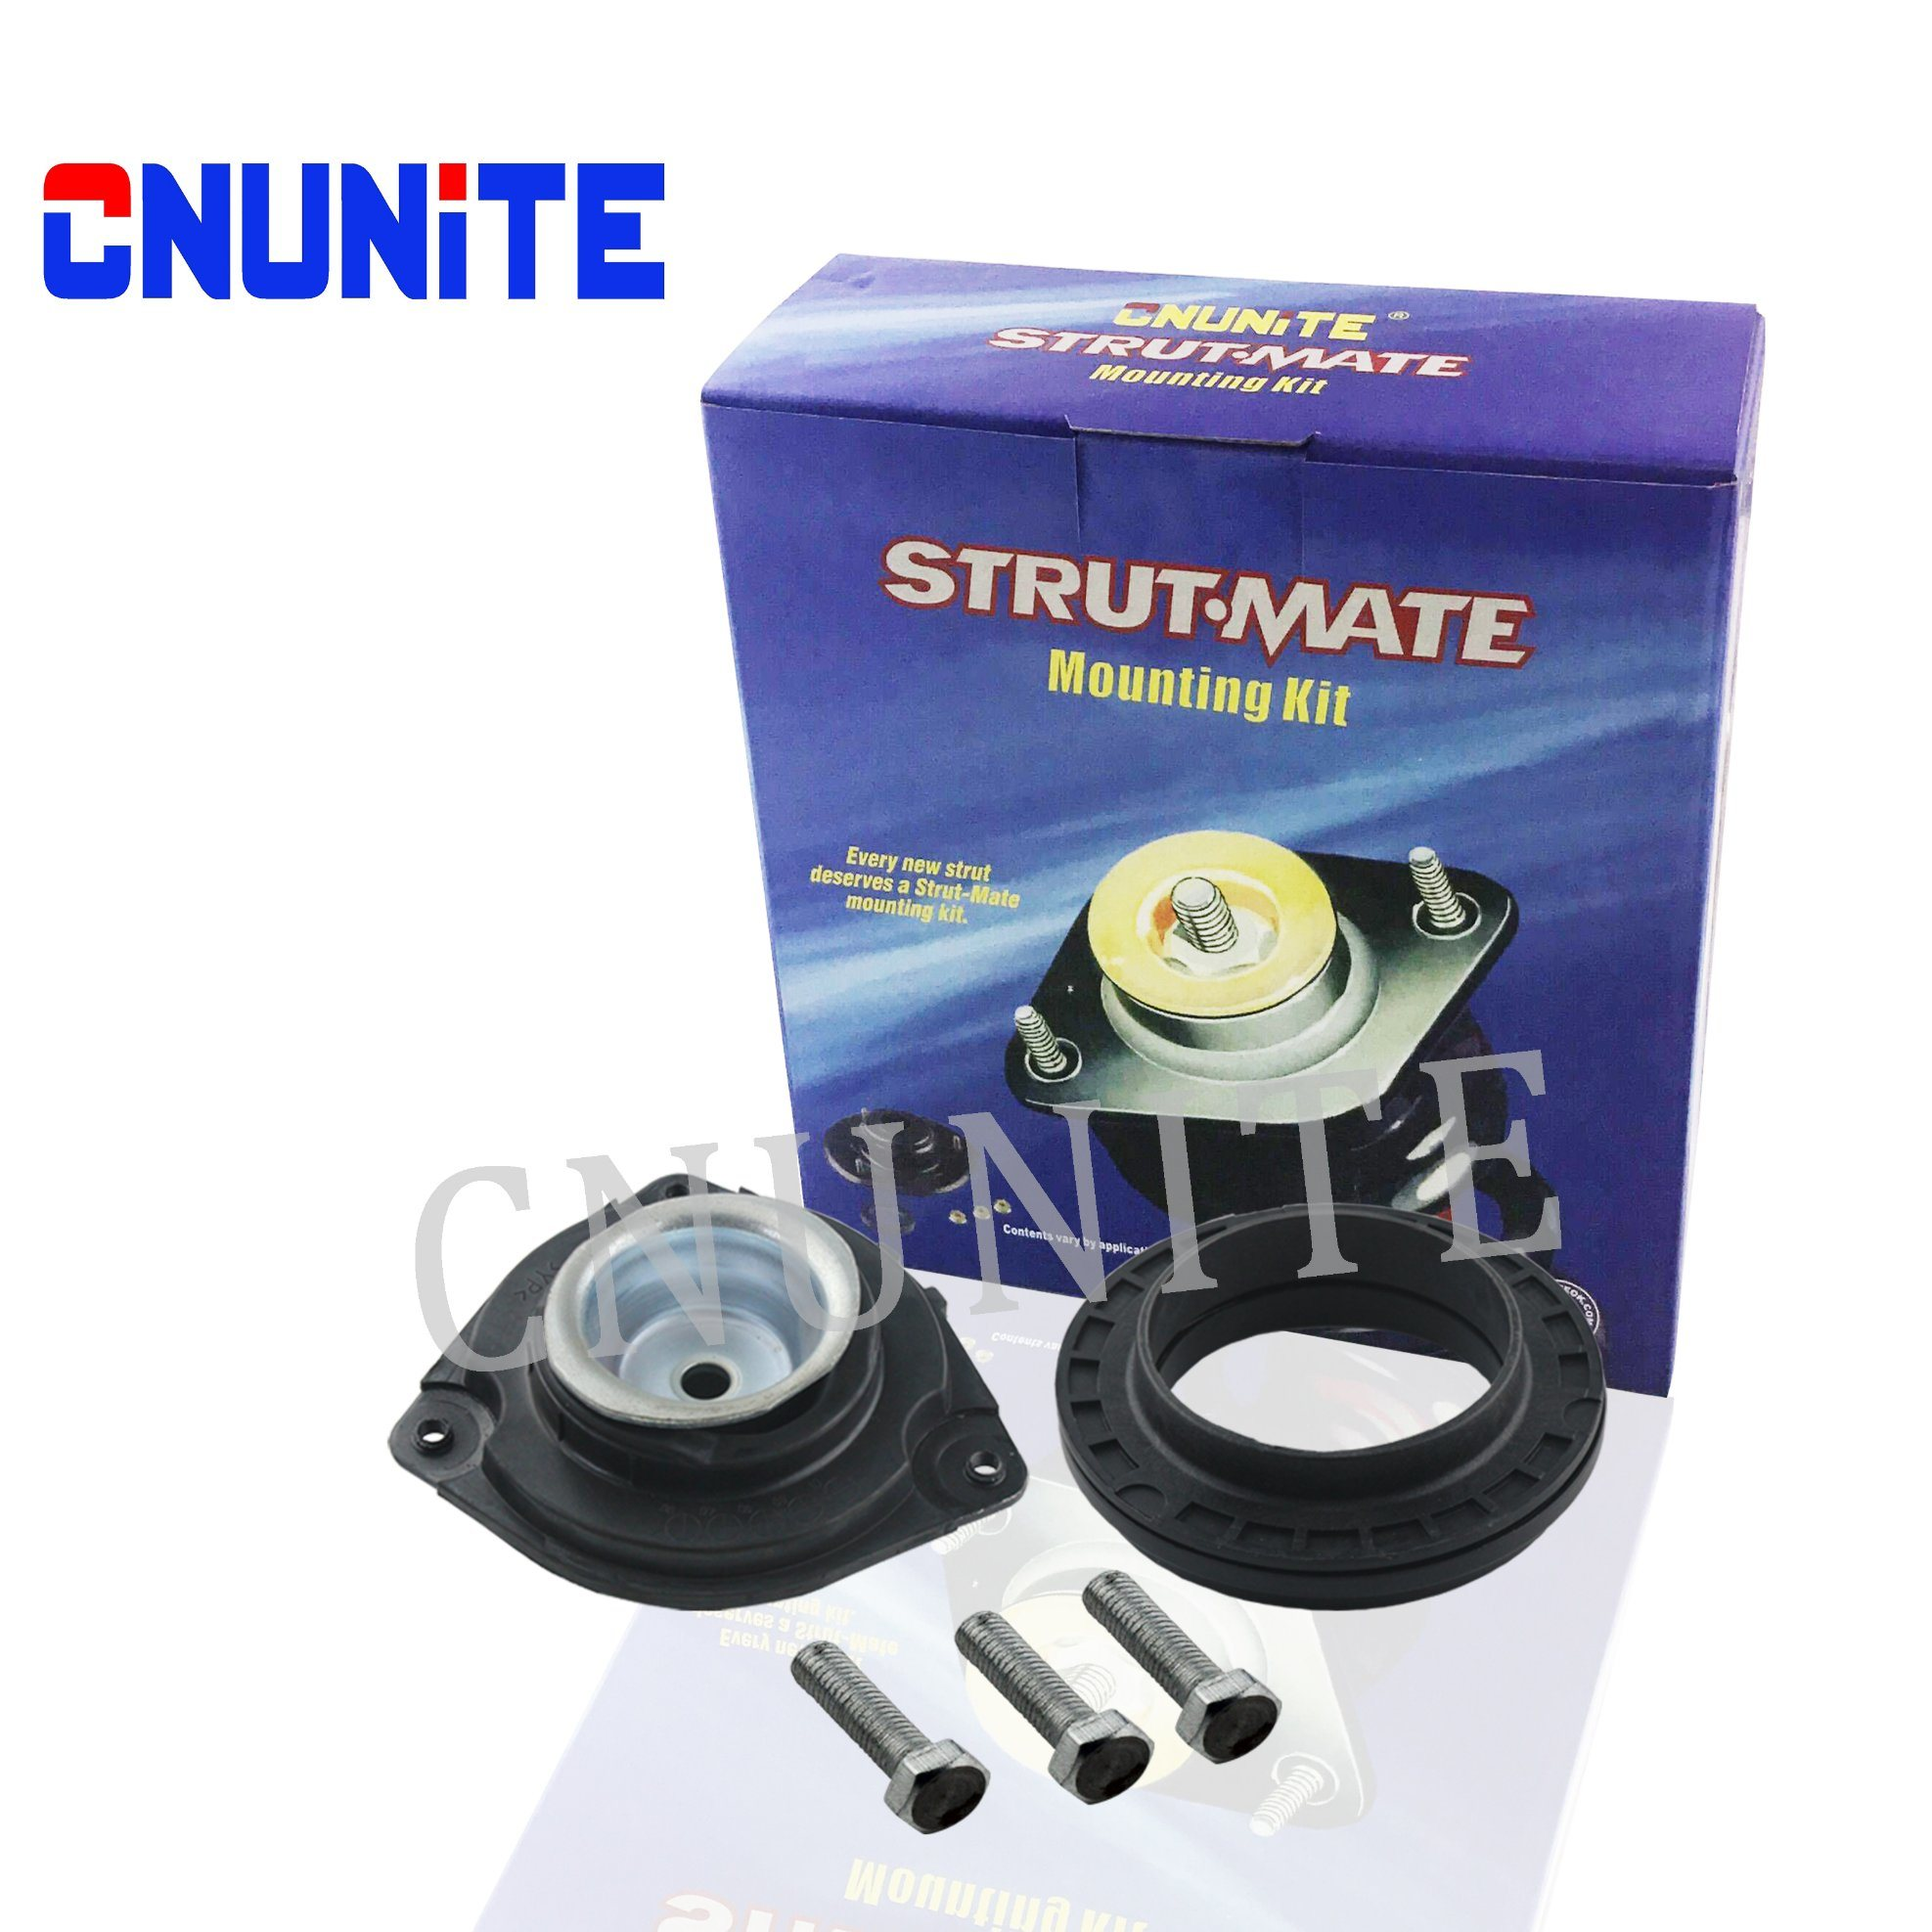 Shock Absorber Strut Mount for Nissan Front with 908916 54320-Jg01b